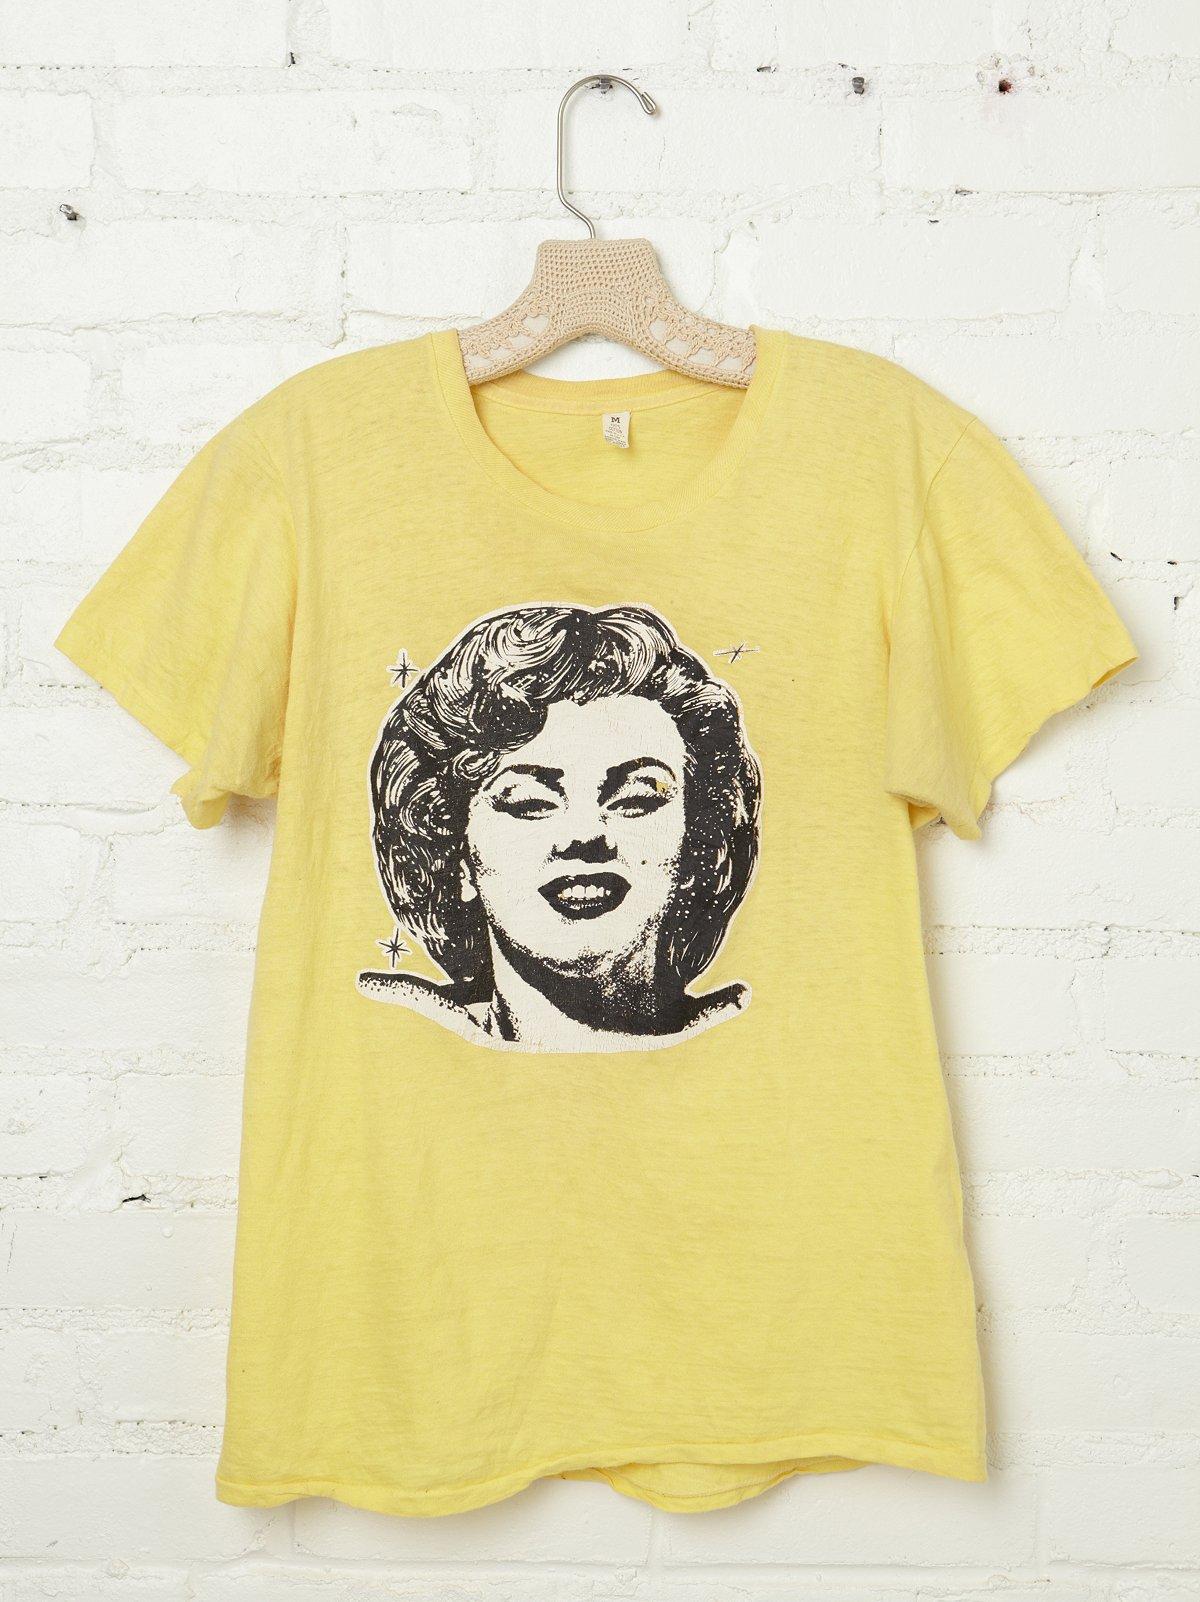 Vintage 1970s Marilyn Monroe Tee